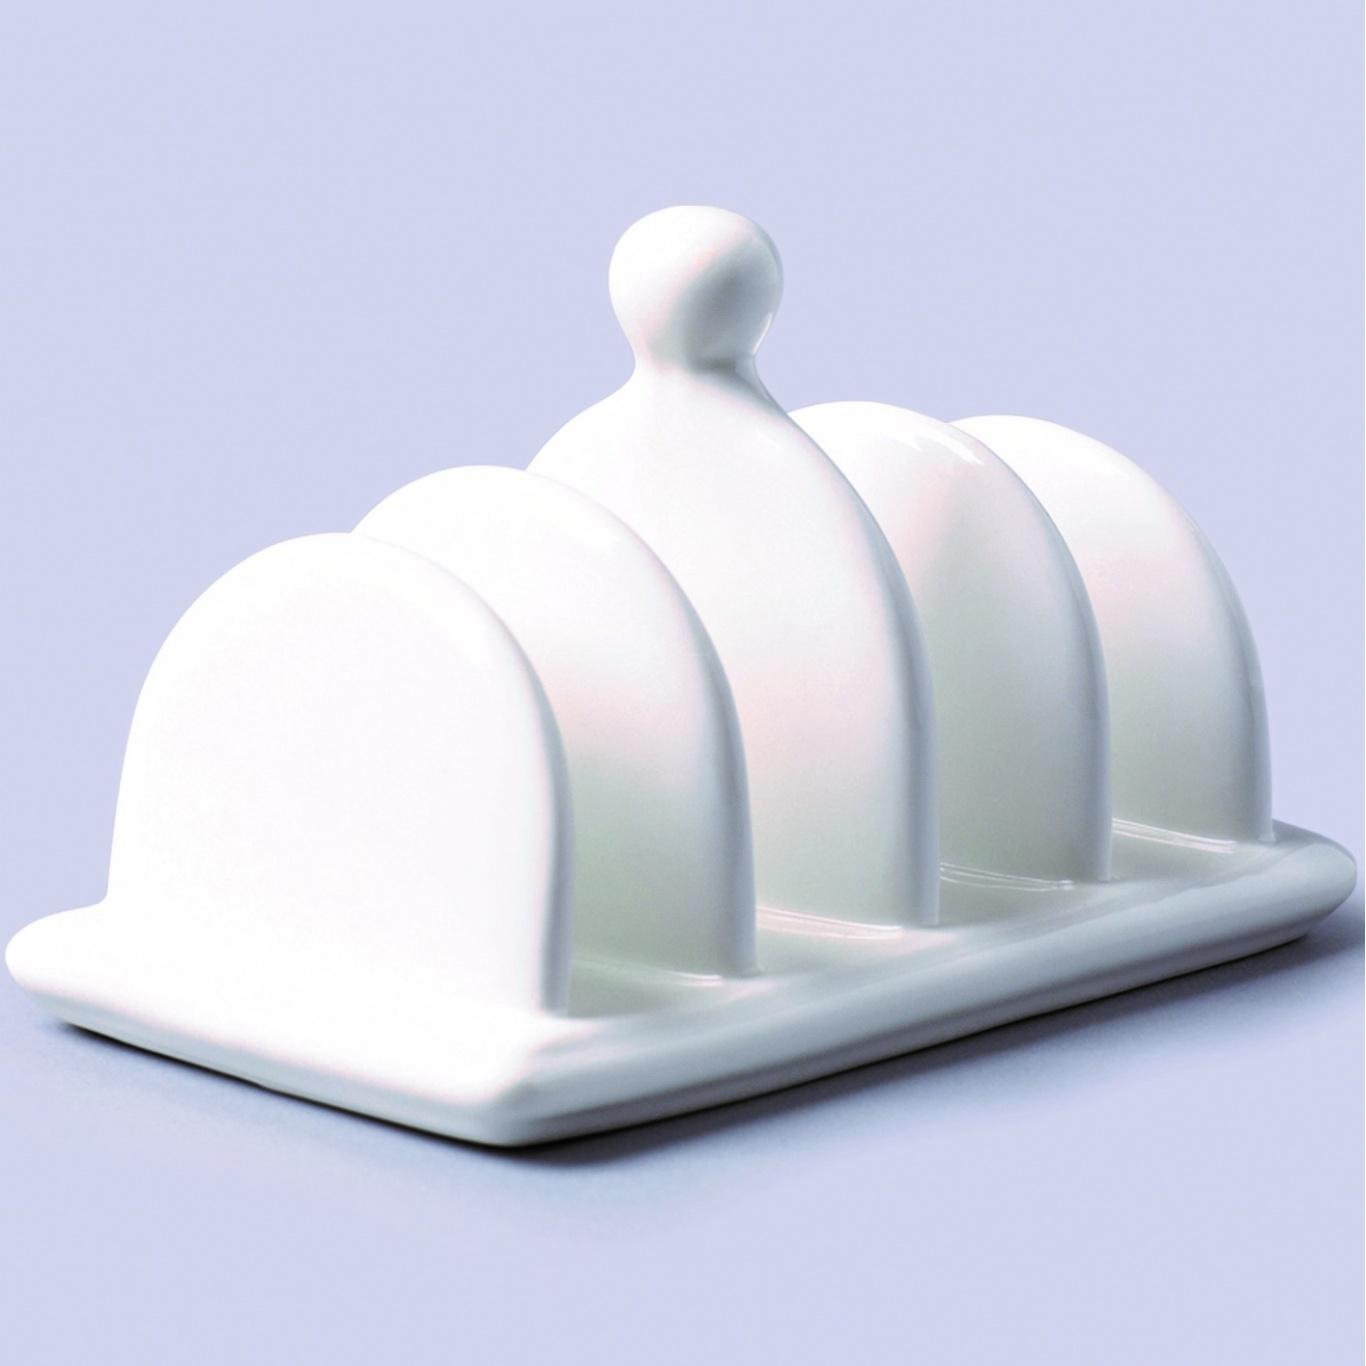 Image of Toast Rack 4 Slice